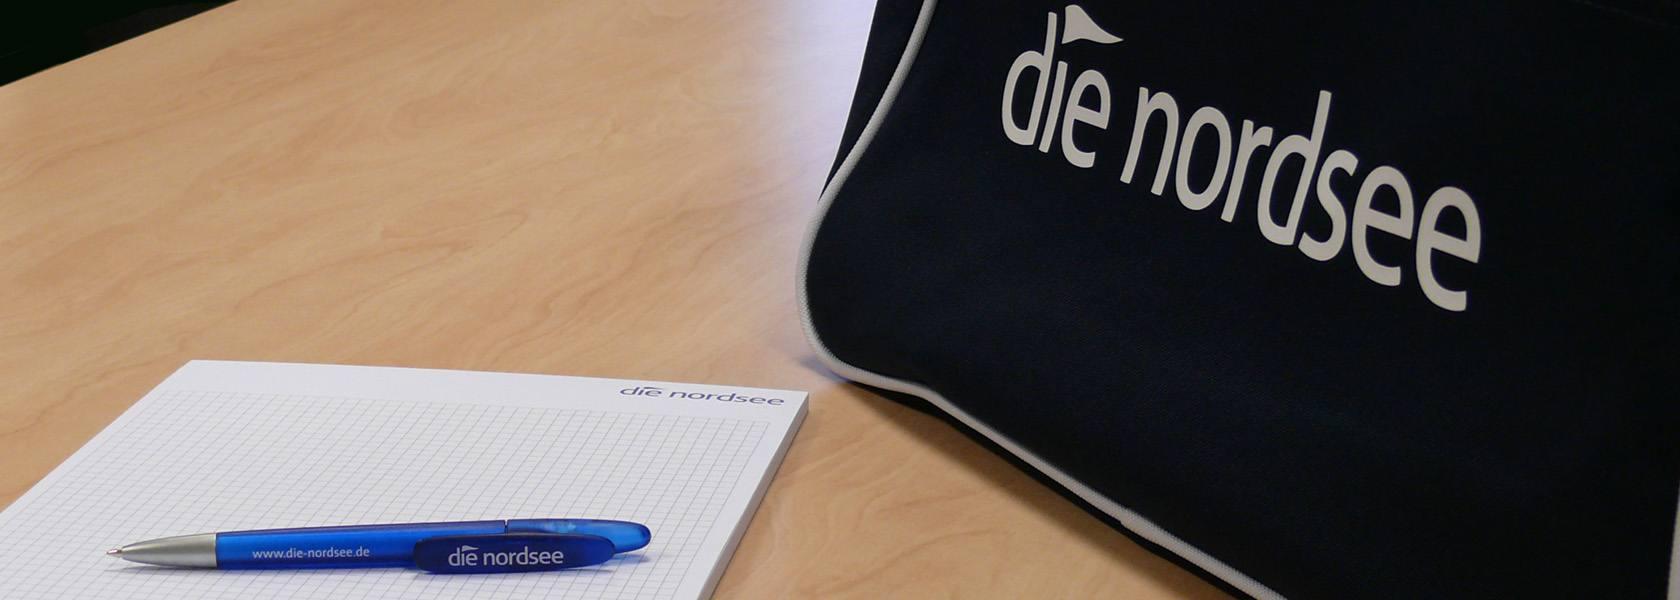 Die Nordsee GmbH, © Die Nordsee GmbH, Sina Schipp